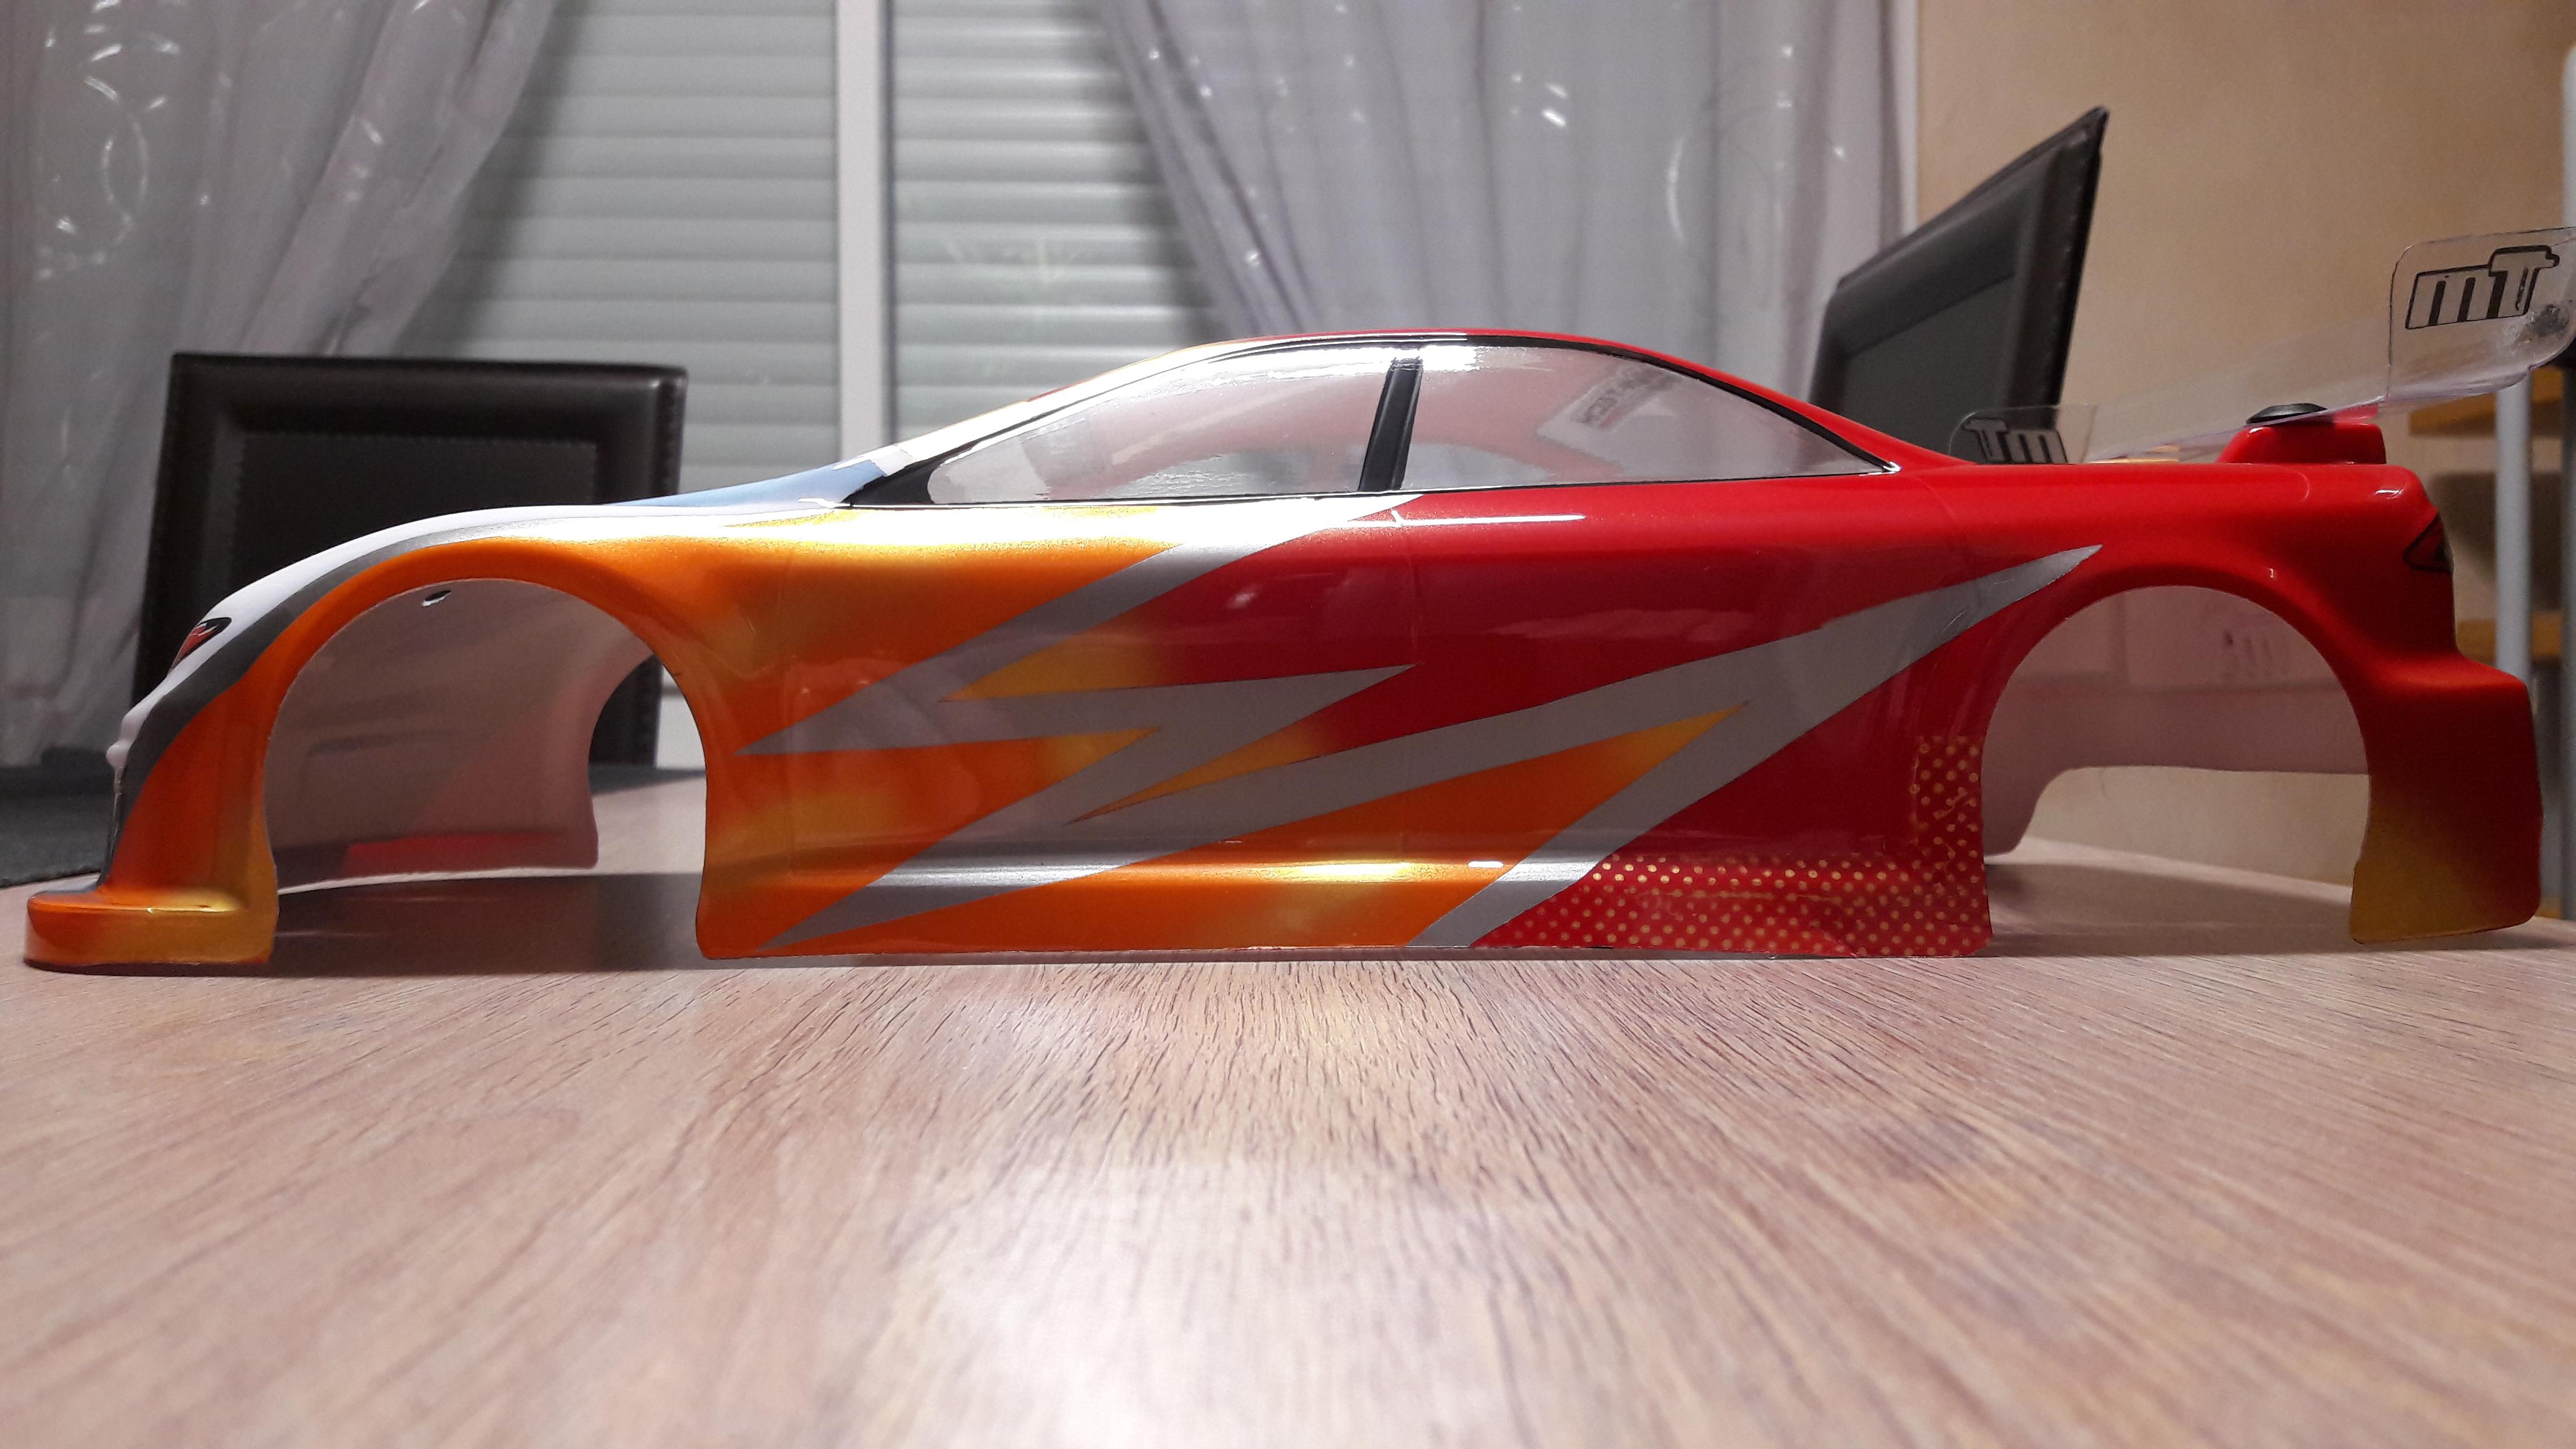 Nouvelle carro piste Mon-tech Nazda 6 2.0 190413103555801697